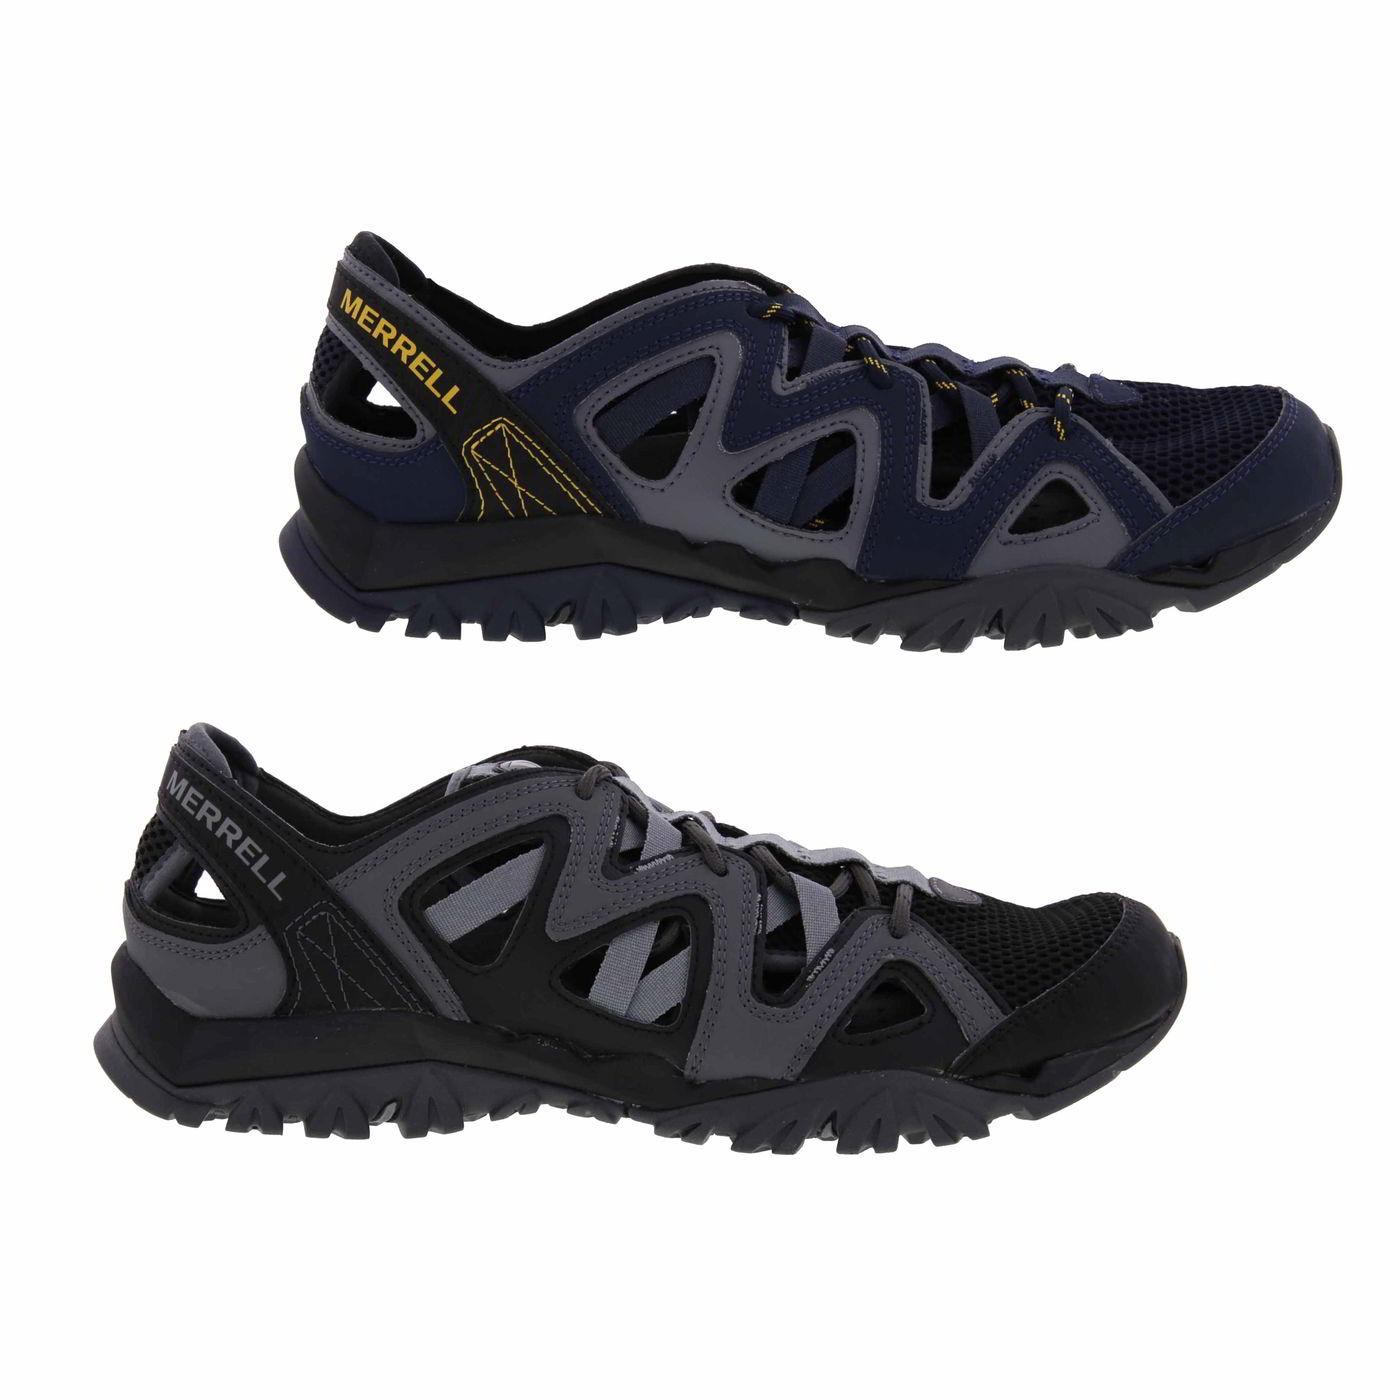 bb2721ffff2b Detalles de Merrell tetrex Crest Envoltura Para Hombre Transpirable Caminar  Sandalias Tamaño 8-11 Zapatos de agua- ver título original